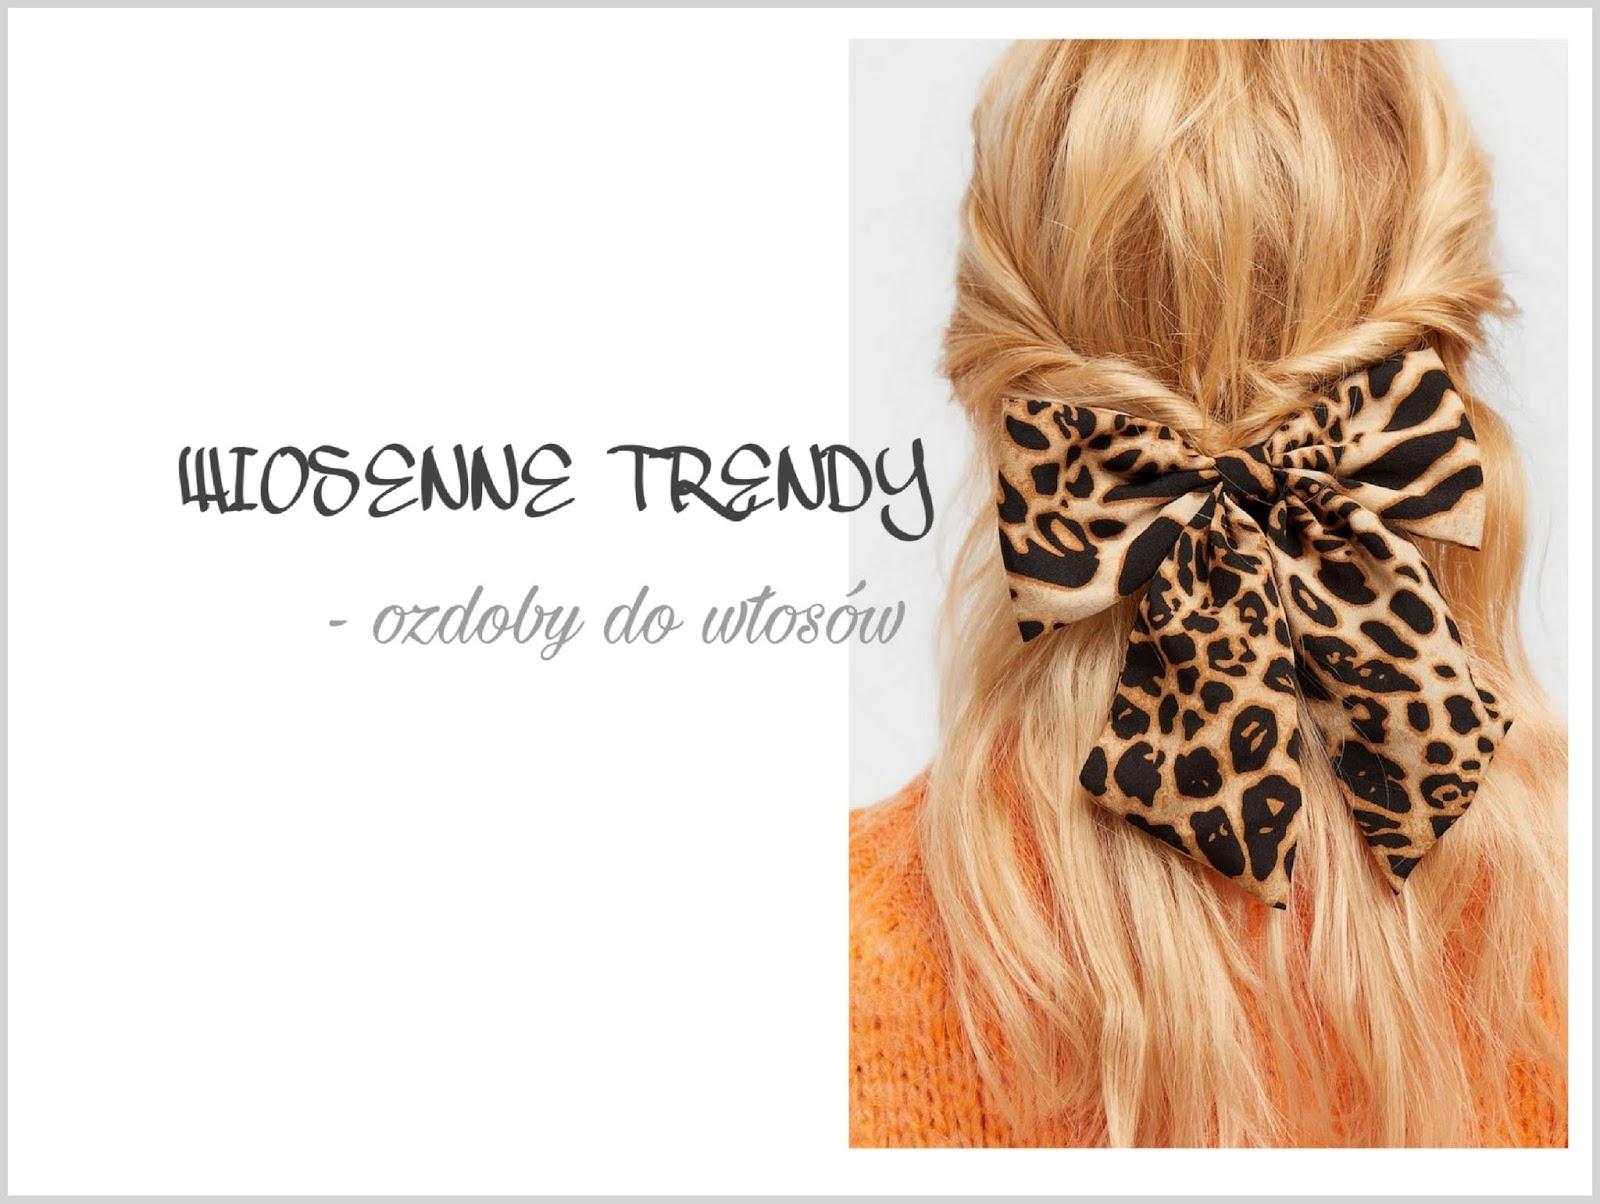 Trends alert - ozdoby do włosów